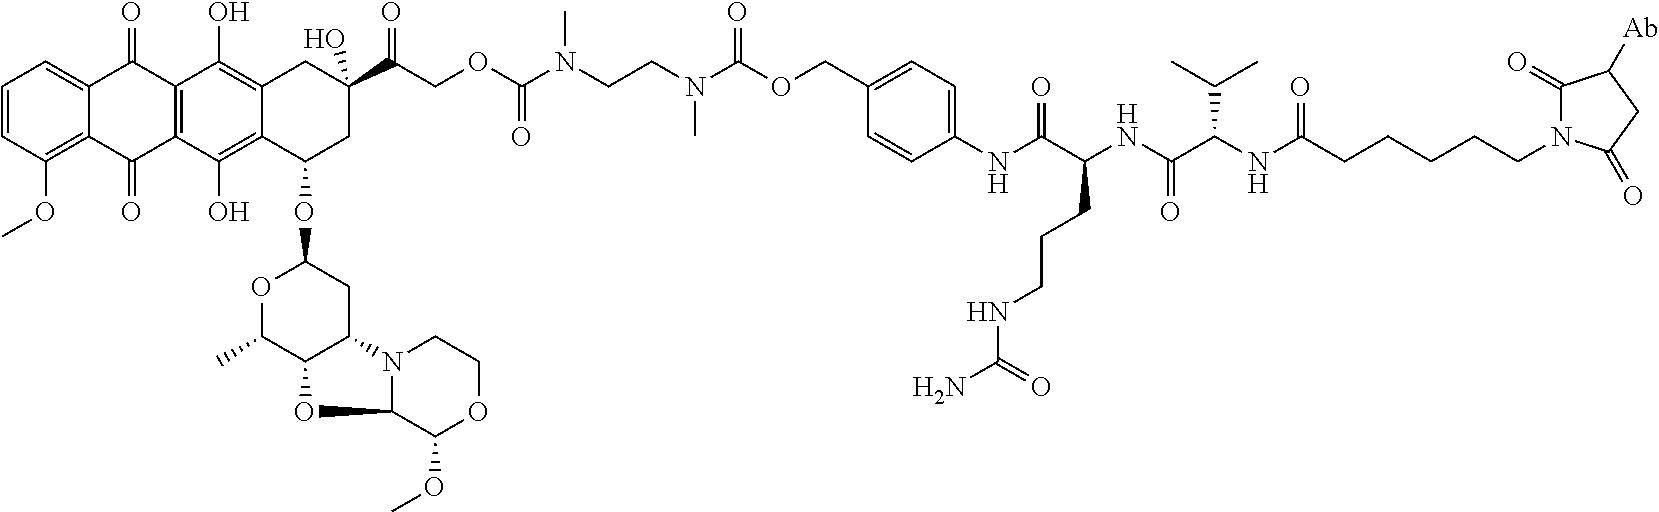 Figure US10059768-20180828-C00068